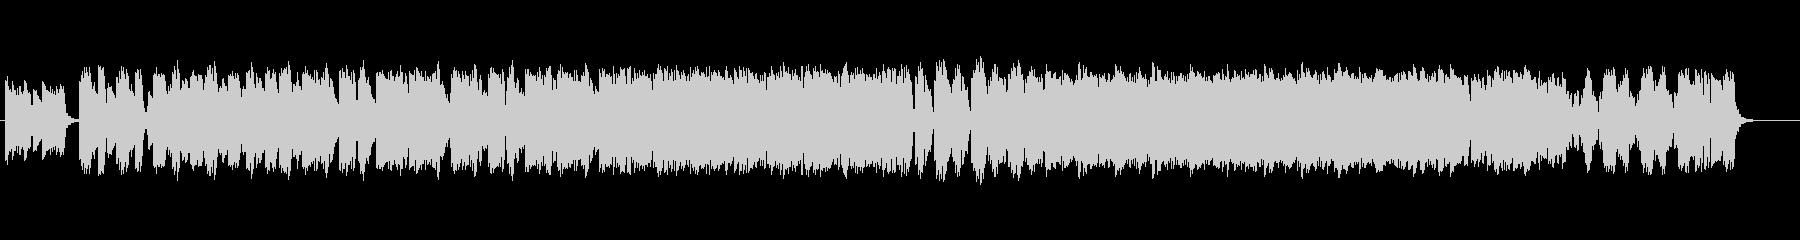 4手の鍵盤打楽器によるミニマルの未再生の波形